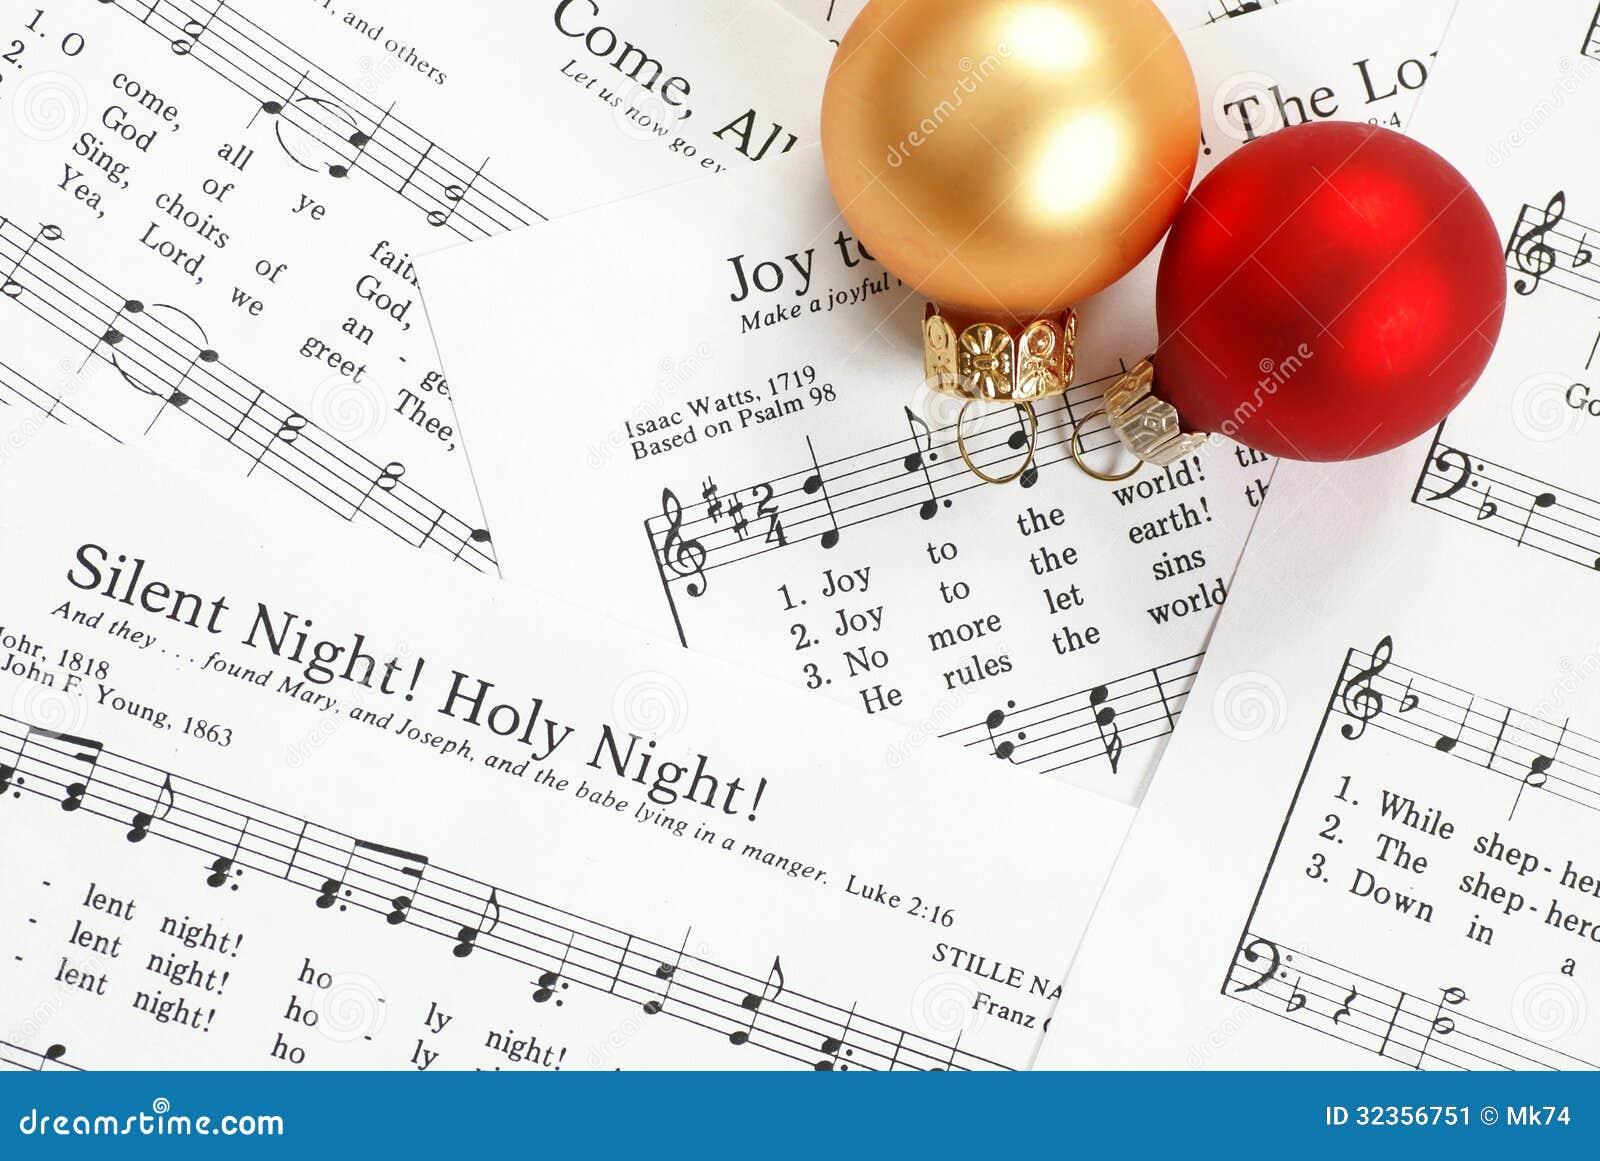 Weihnachtslied stockbild. Bild von lied, musikalisch - 32356751